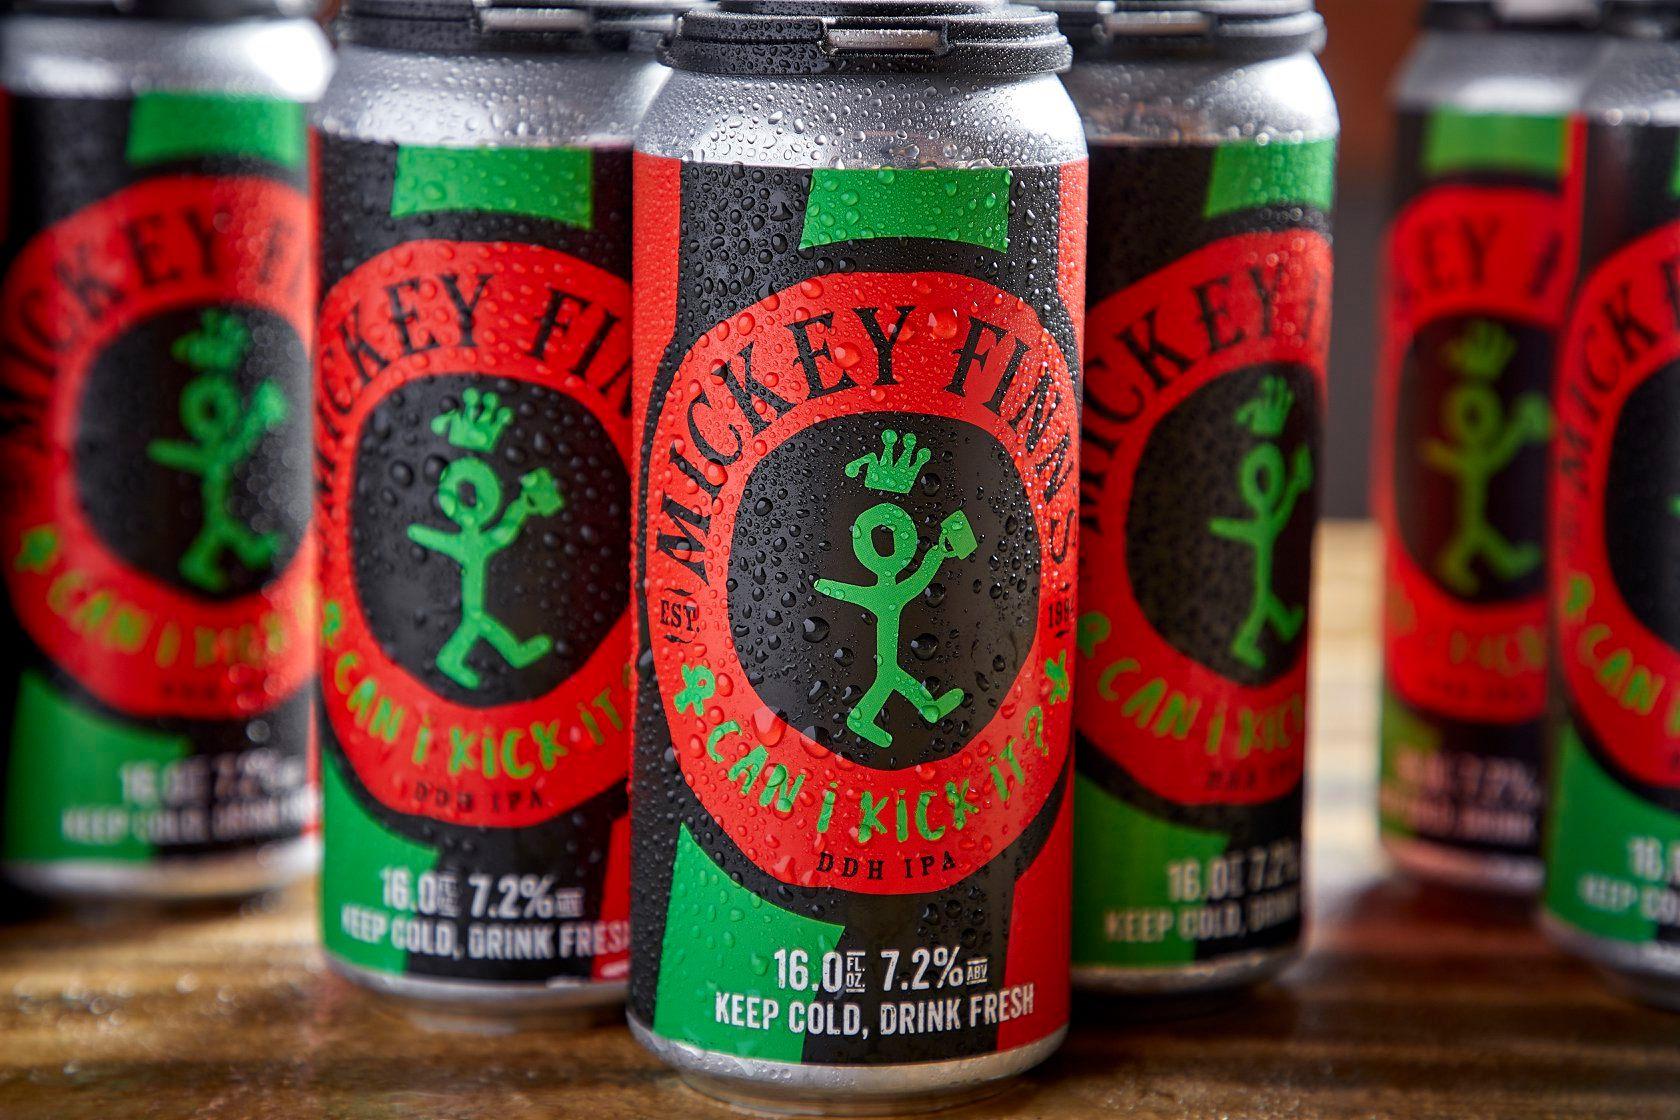 Mickey Finn's Can I Kick It IPA